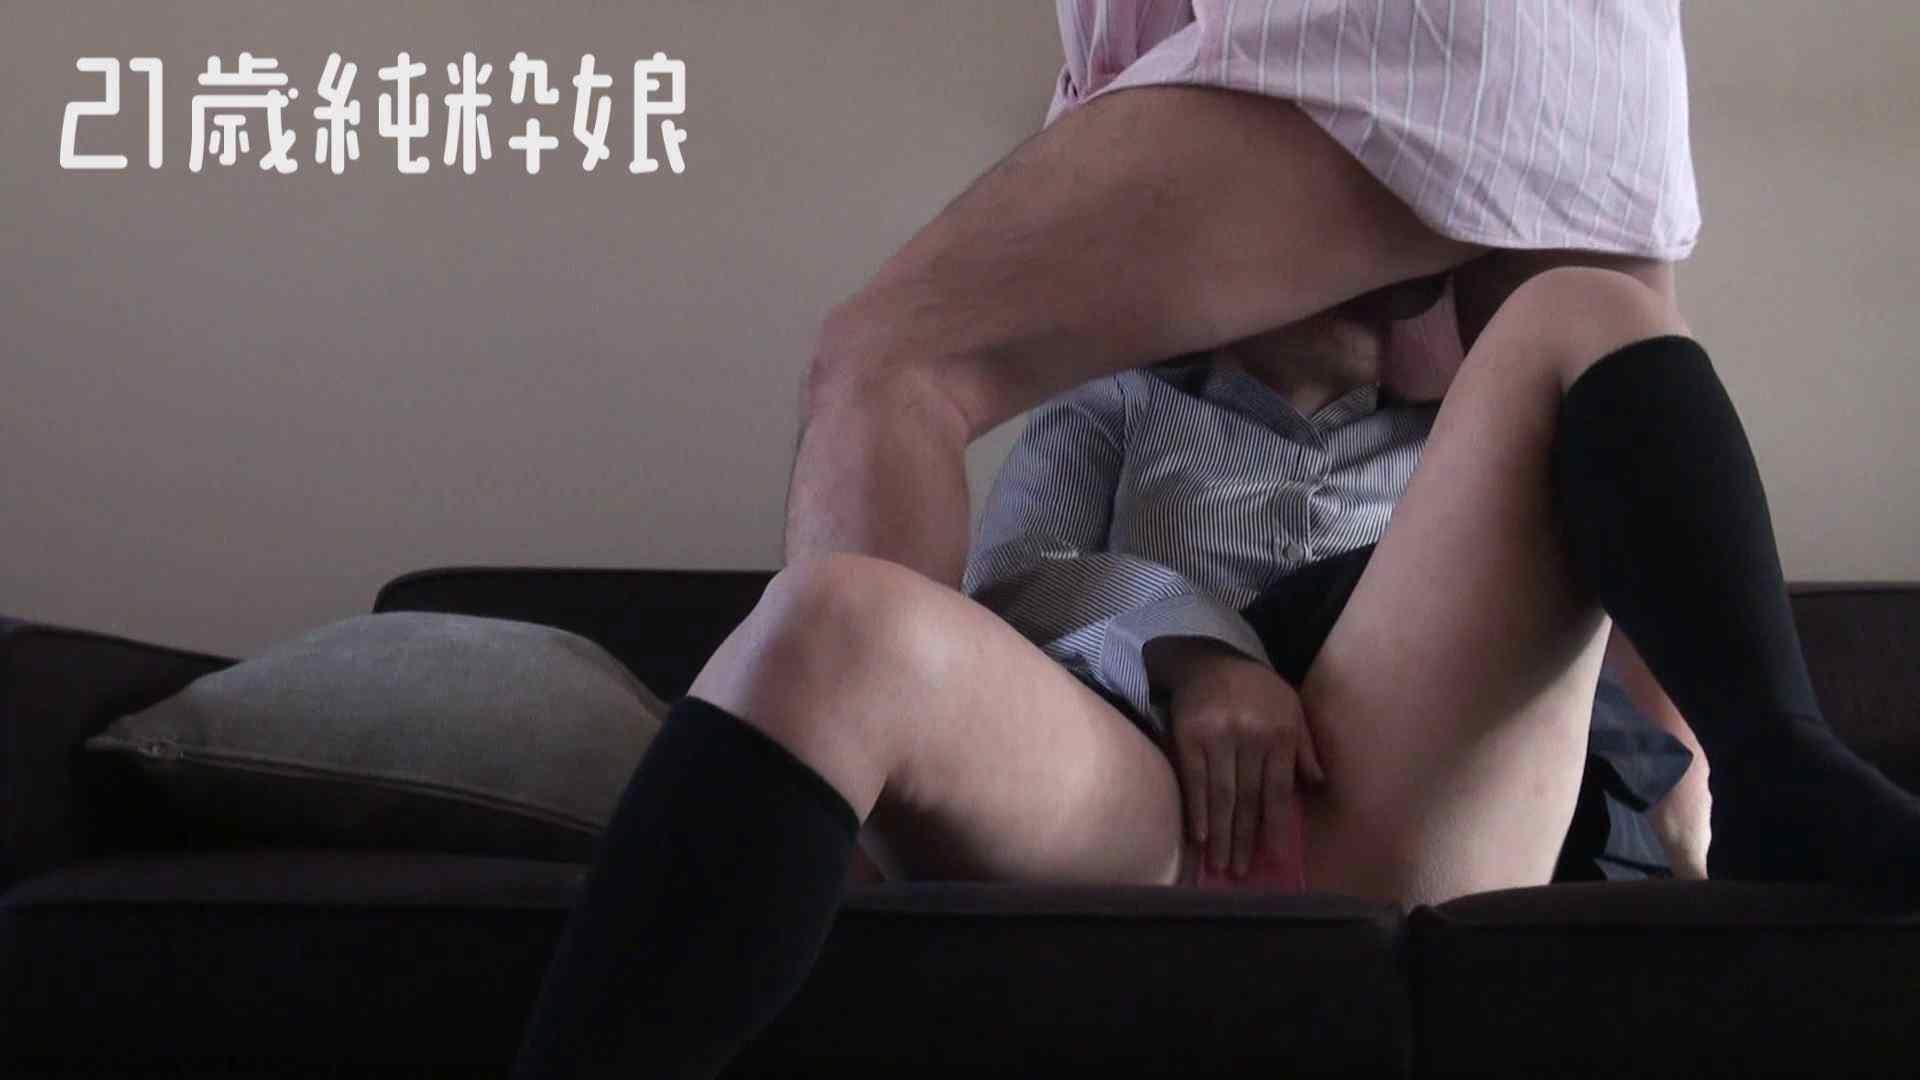 上京したばかりのGカップ21歳純粋嬢を都合の良い女にしてみた3 オナニー | フェラ  48pic 4